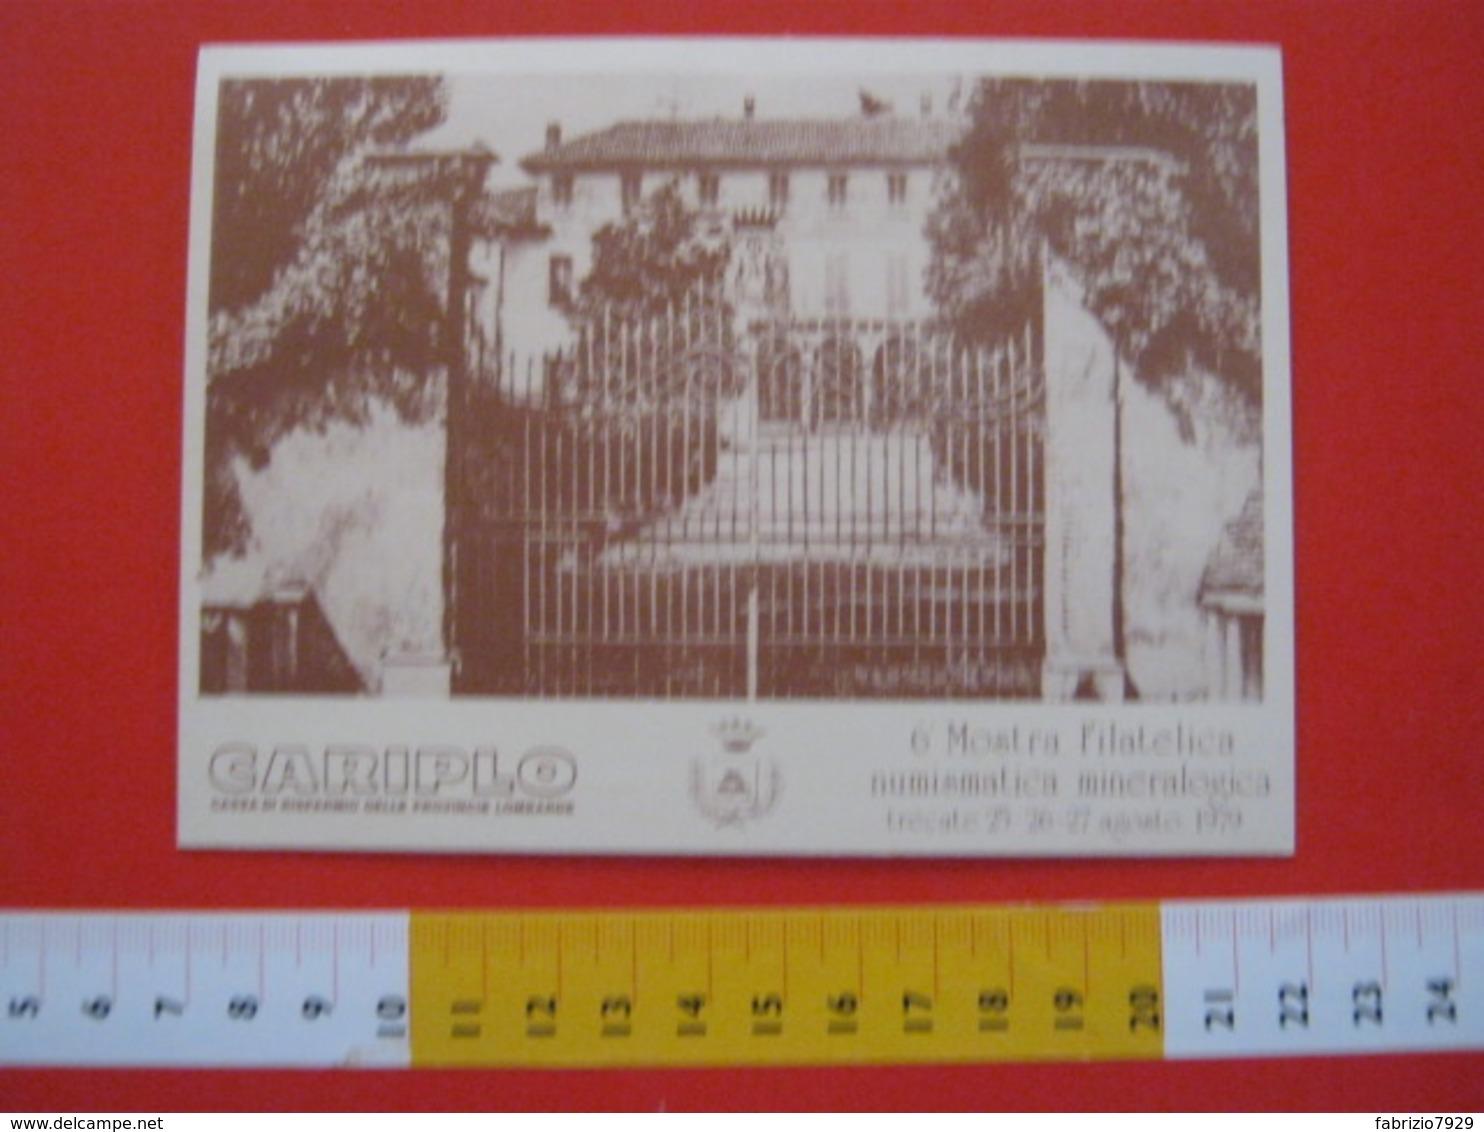 A.02 ITALIA ANNULLO - 1979 TRECATE NOVARA 6^ MOSTRA MINERALI MINERALOGICA MINERAL EXPO CARD VILLA CICOGNA CARIPLO BANCA - Minerali